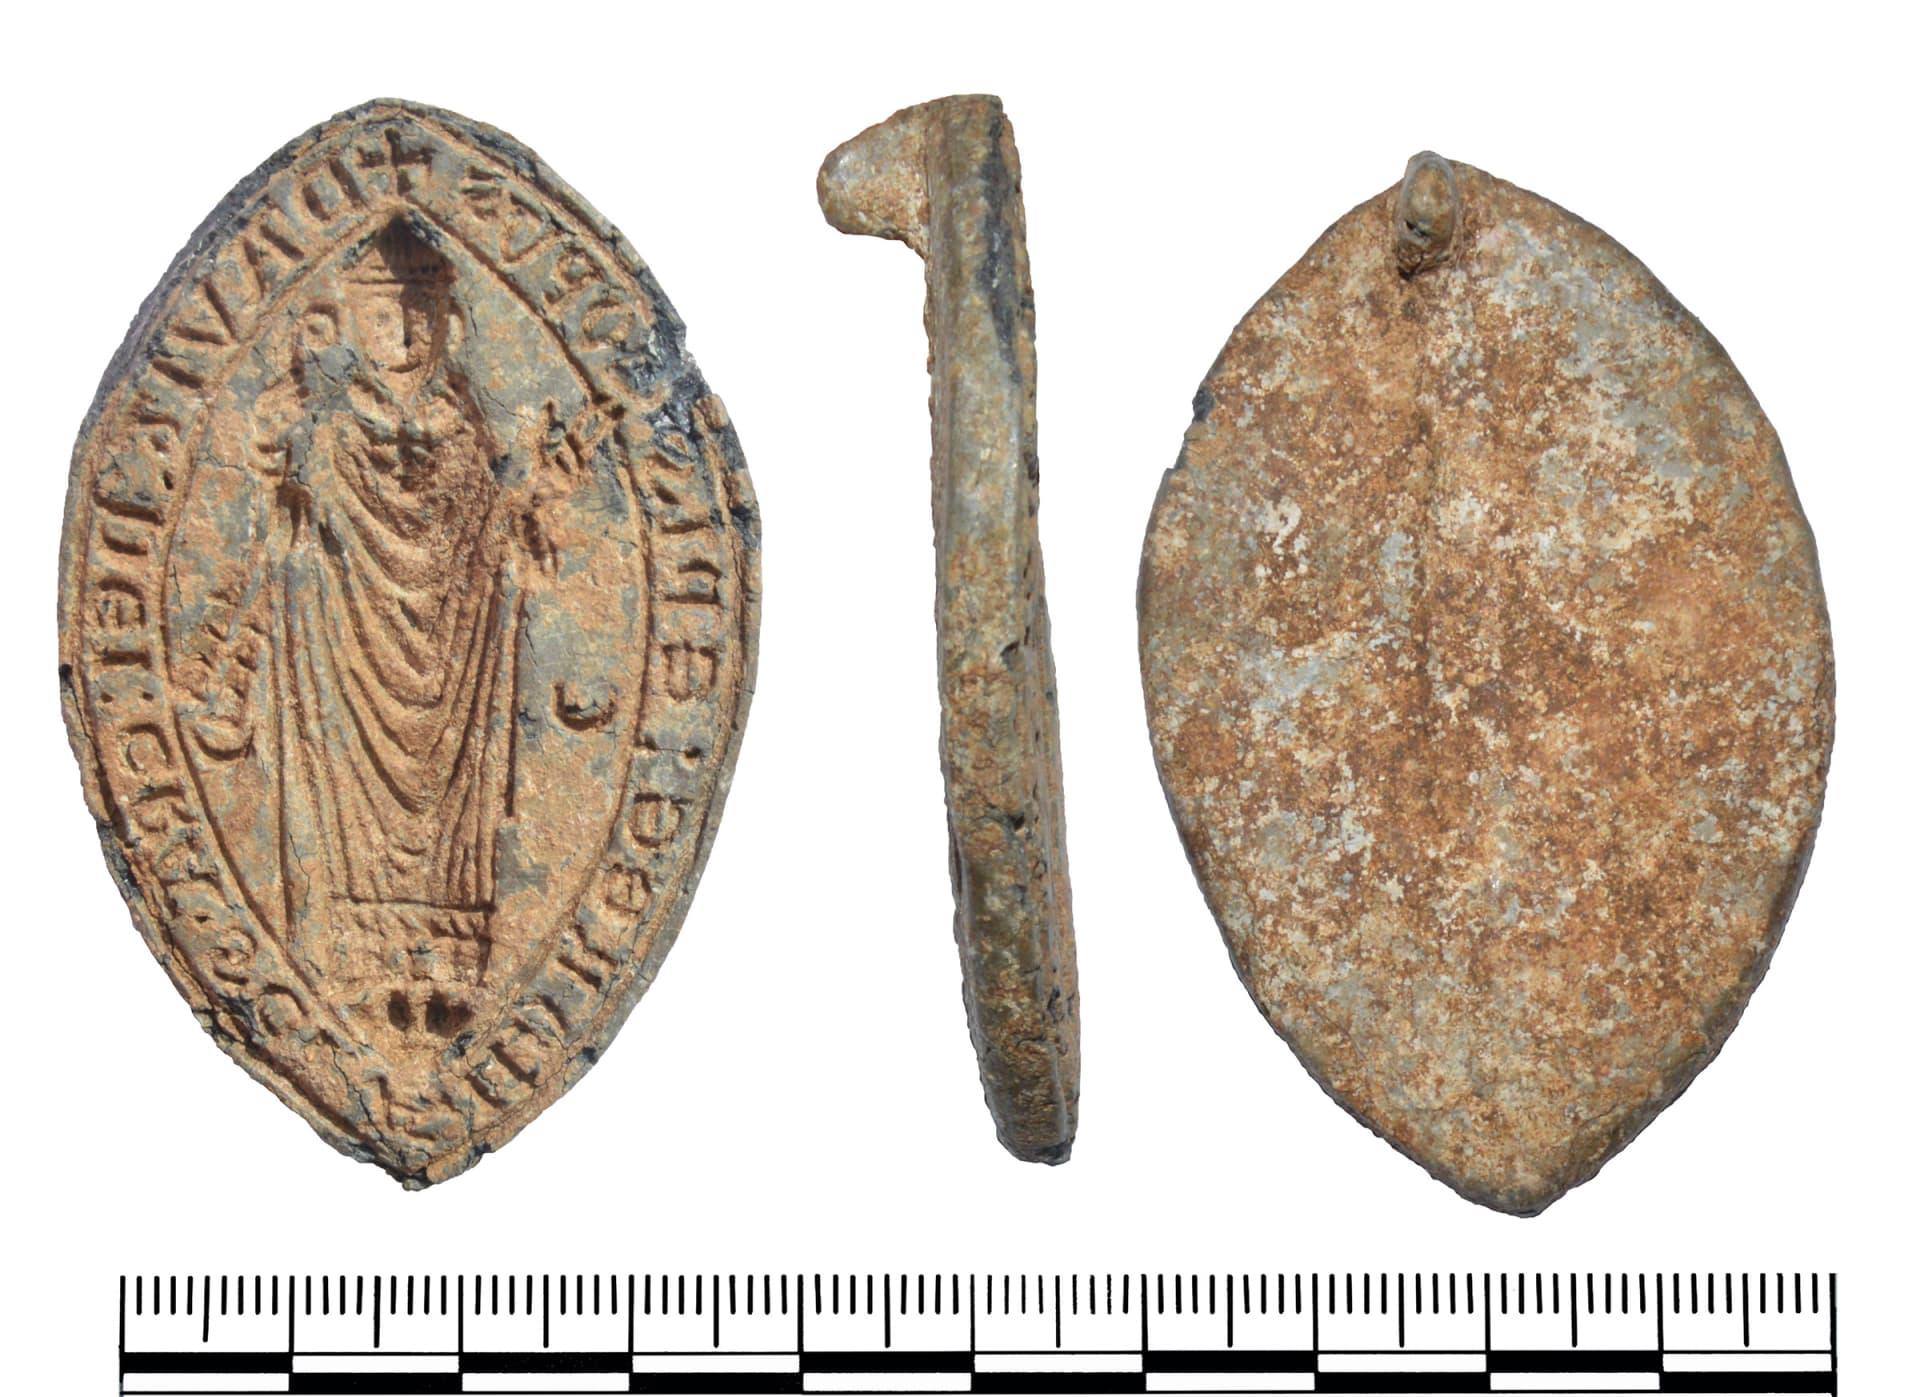 اكتشافات تضم كنوز من العصور الوسطى في الريف البريطاني وسط إغلاق كورونا